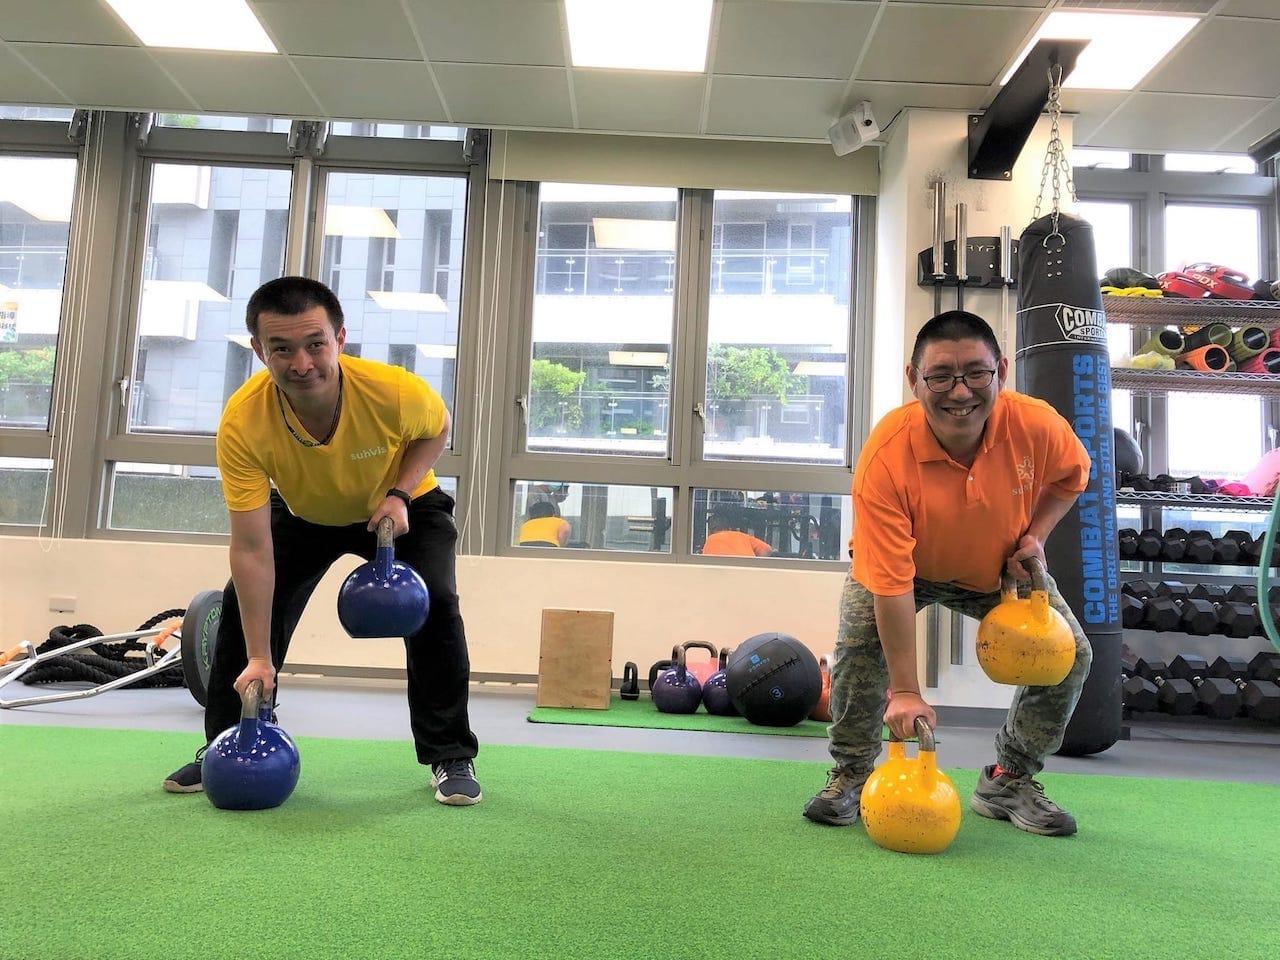 35歲後易早衰!陽光助身障者運動抗老提升活動力